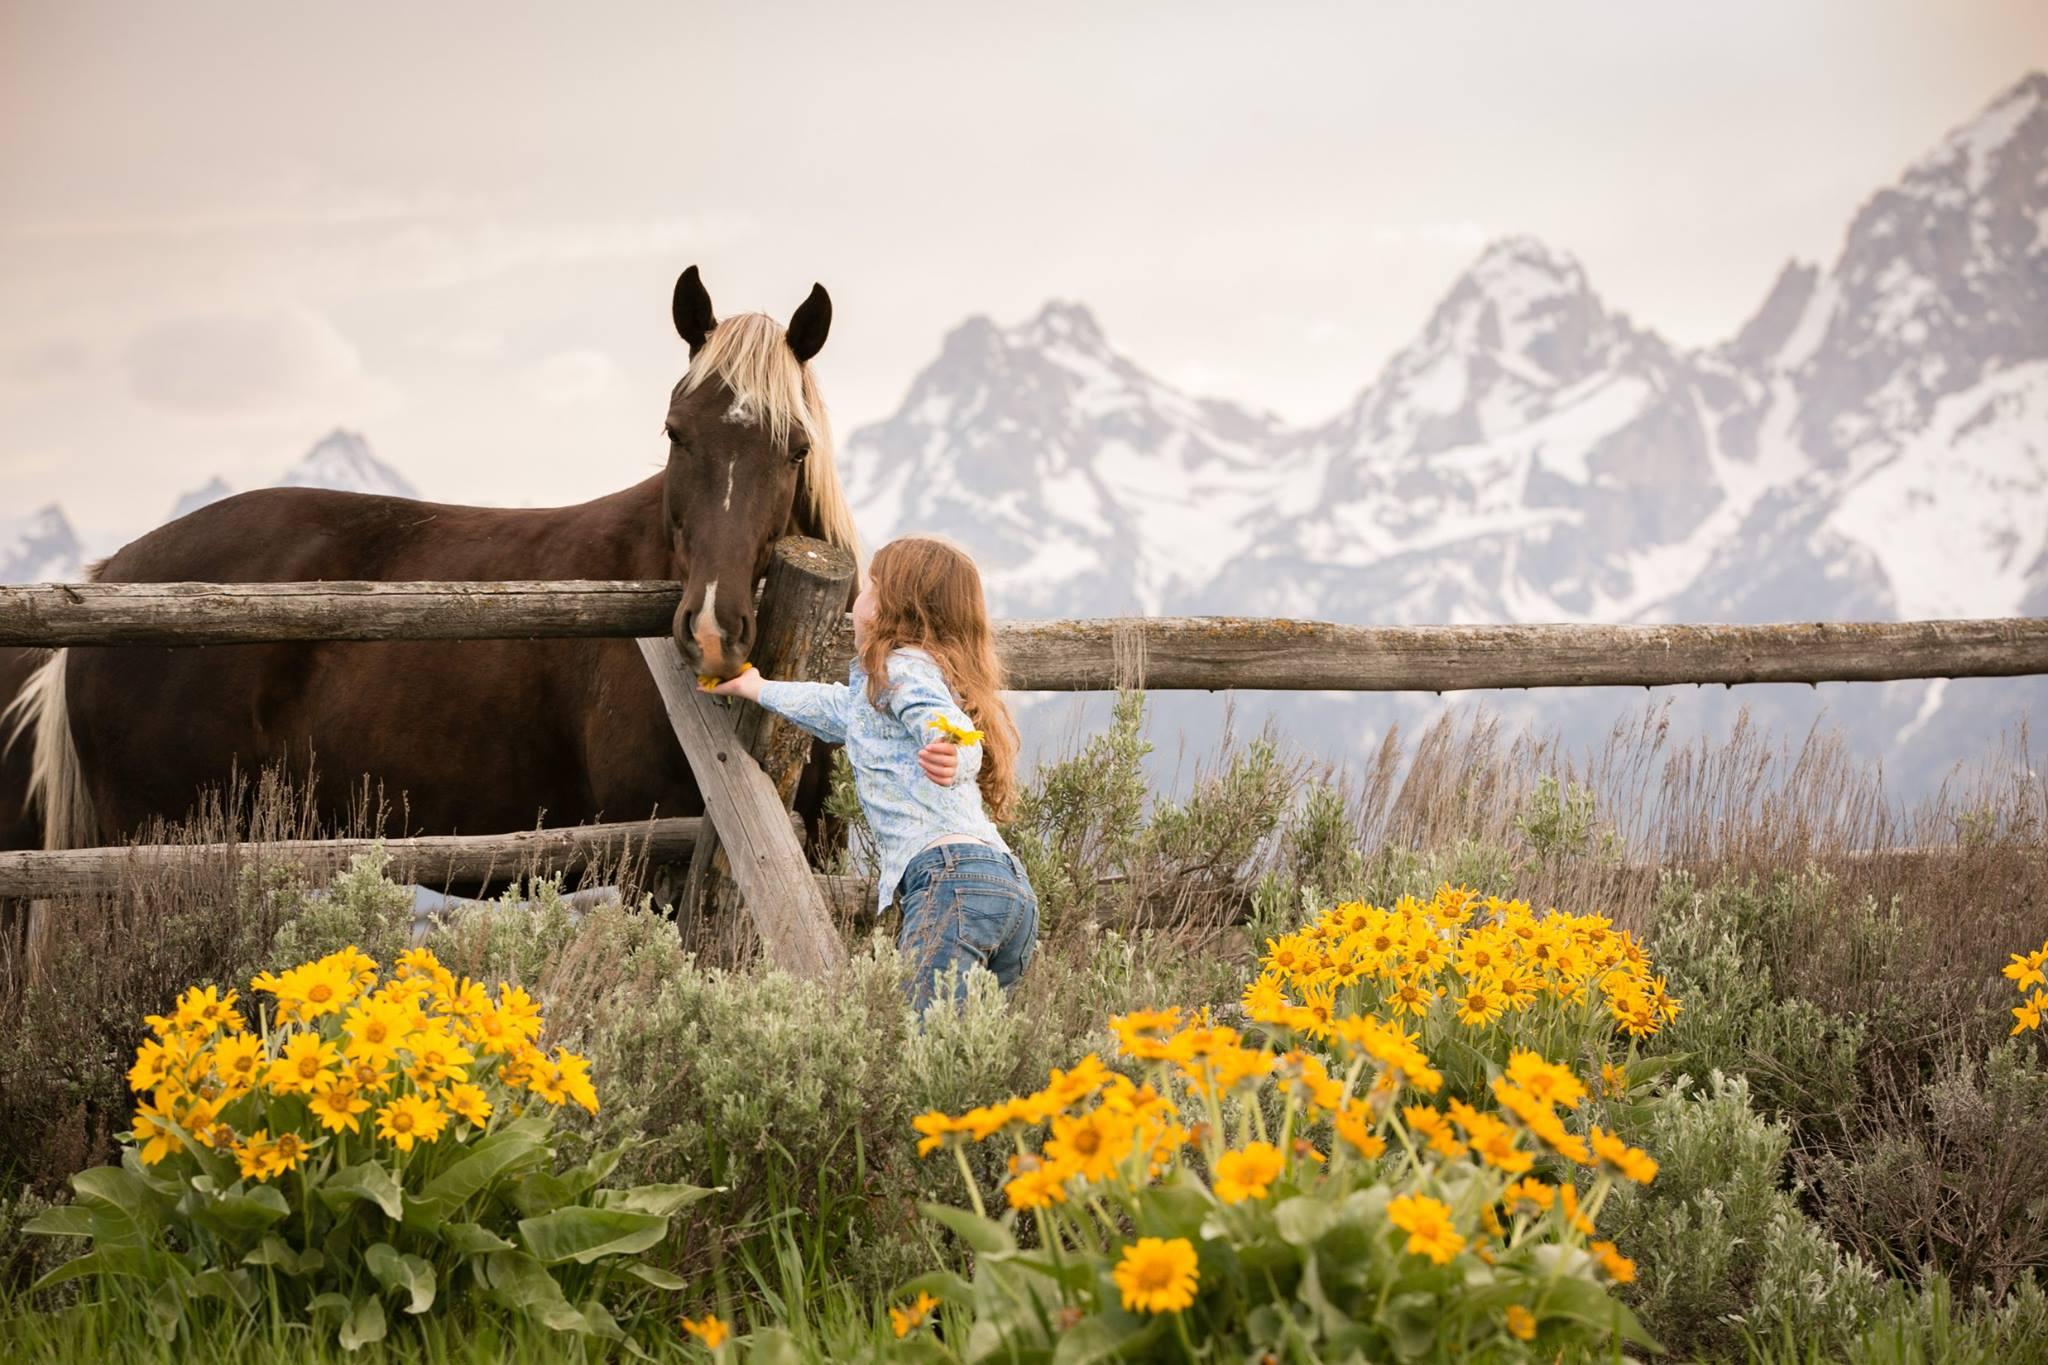 Grand Teton National Park Vacations